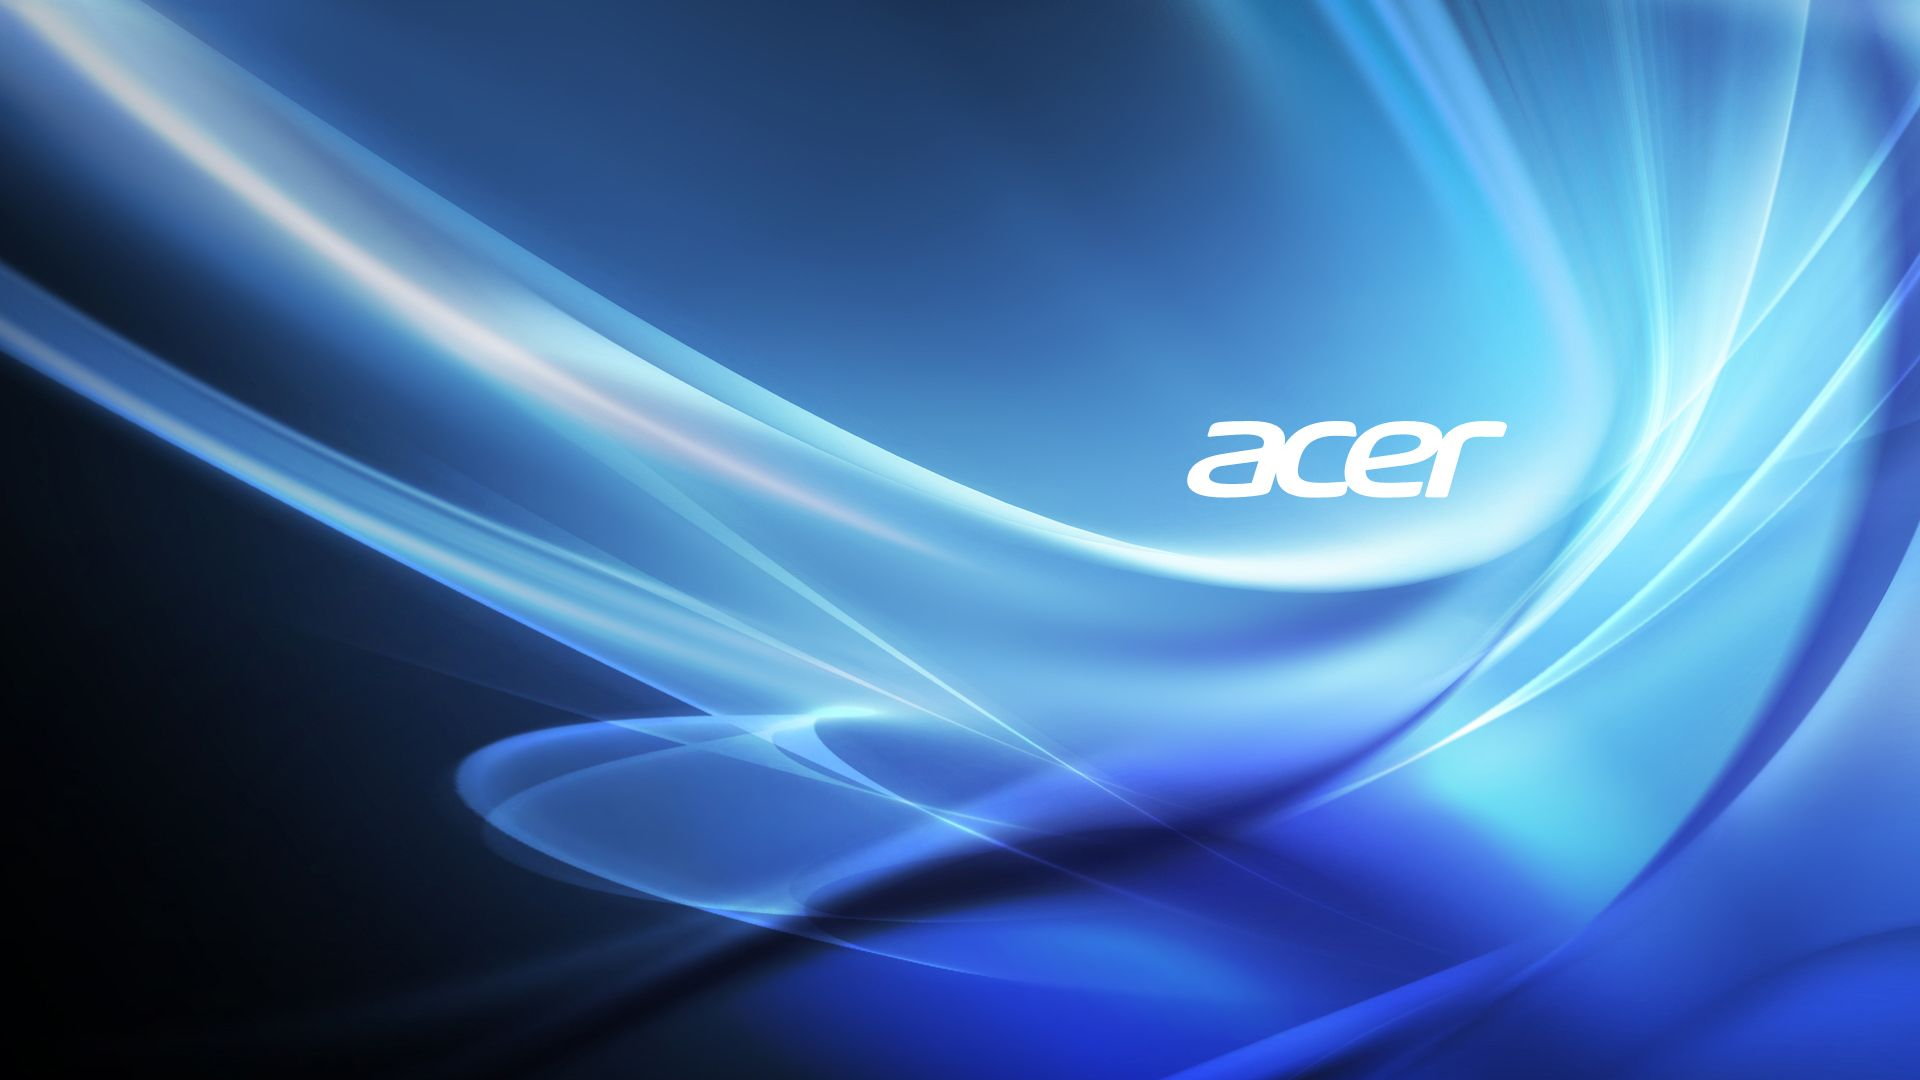 Acer Desktop Background Wallpaper | HD Wallpapers in 2019